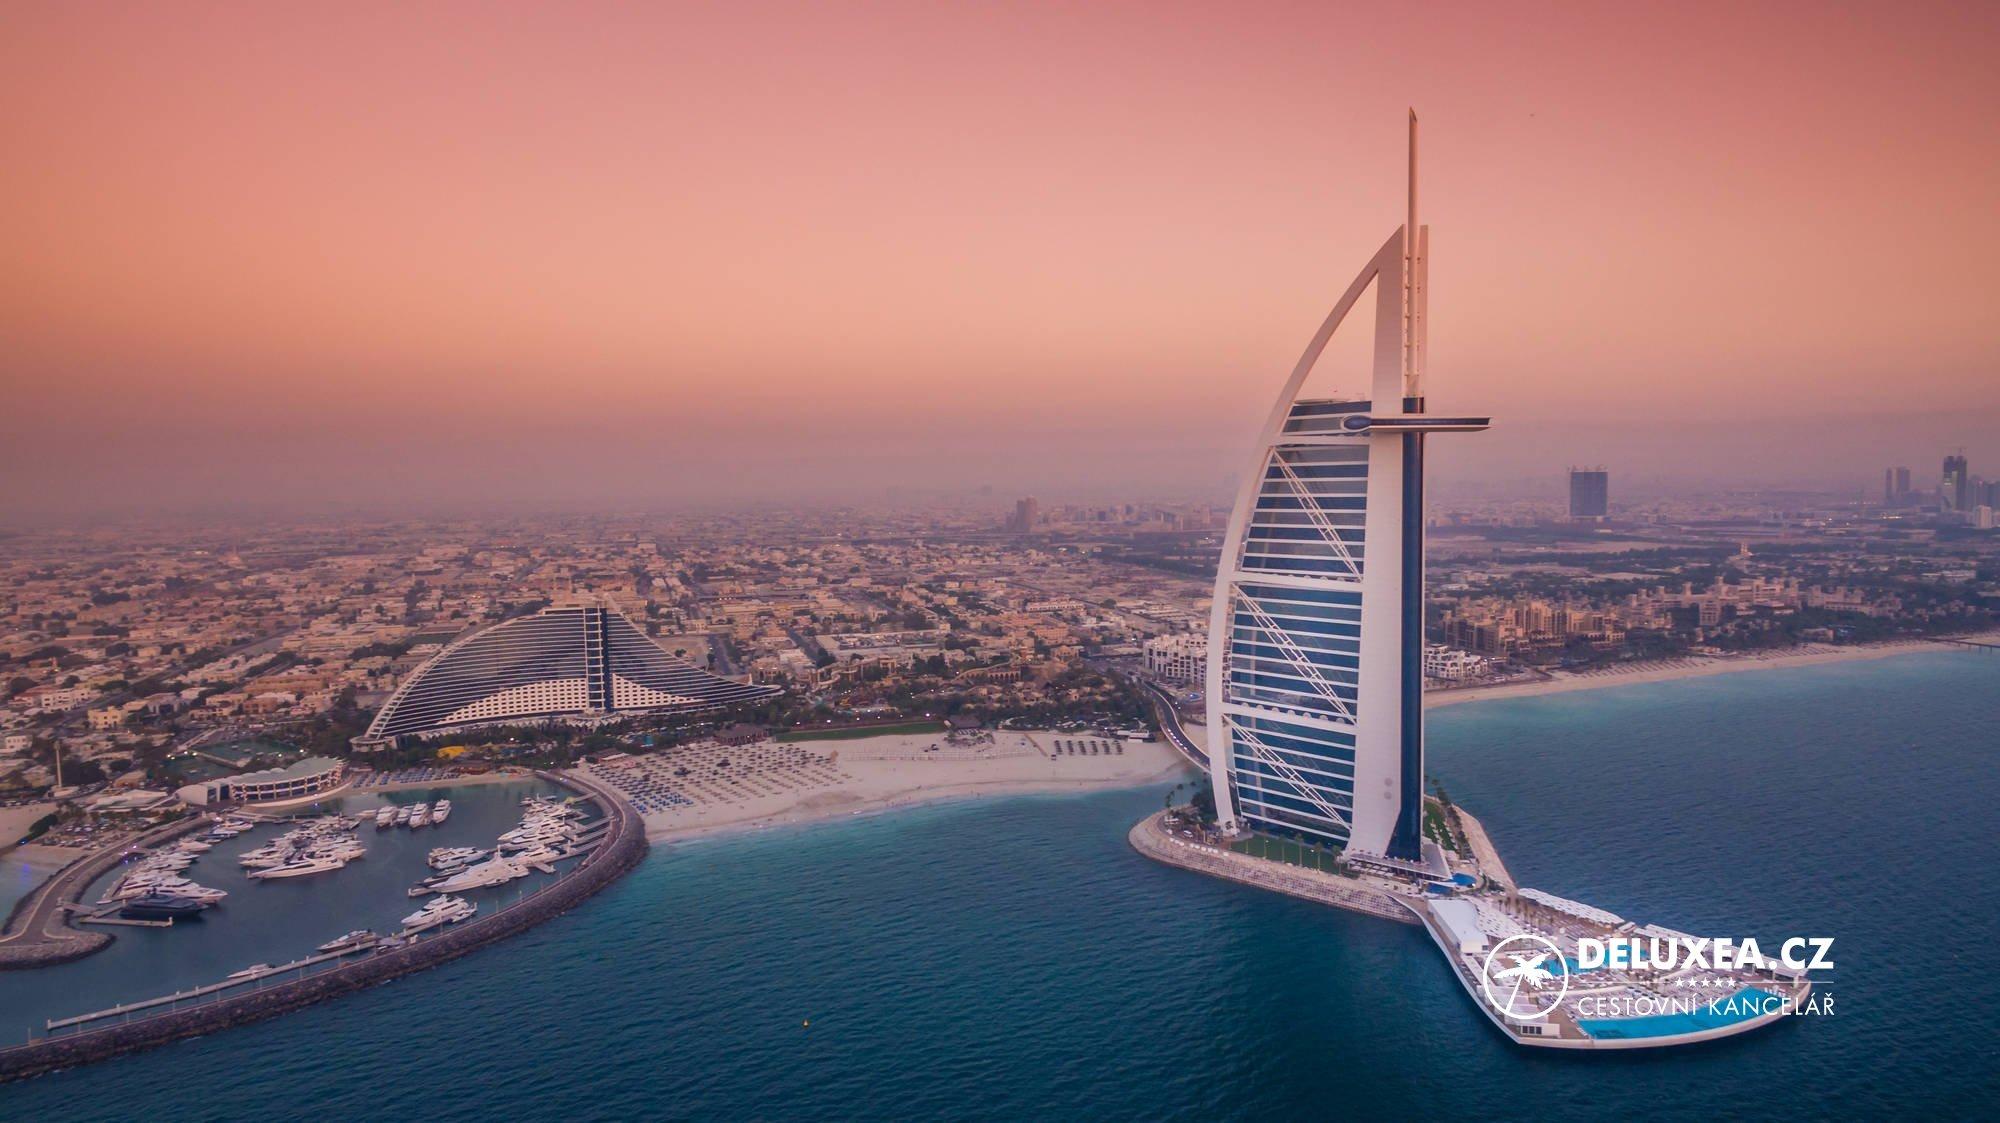 Dubaj online dátumu lokalít